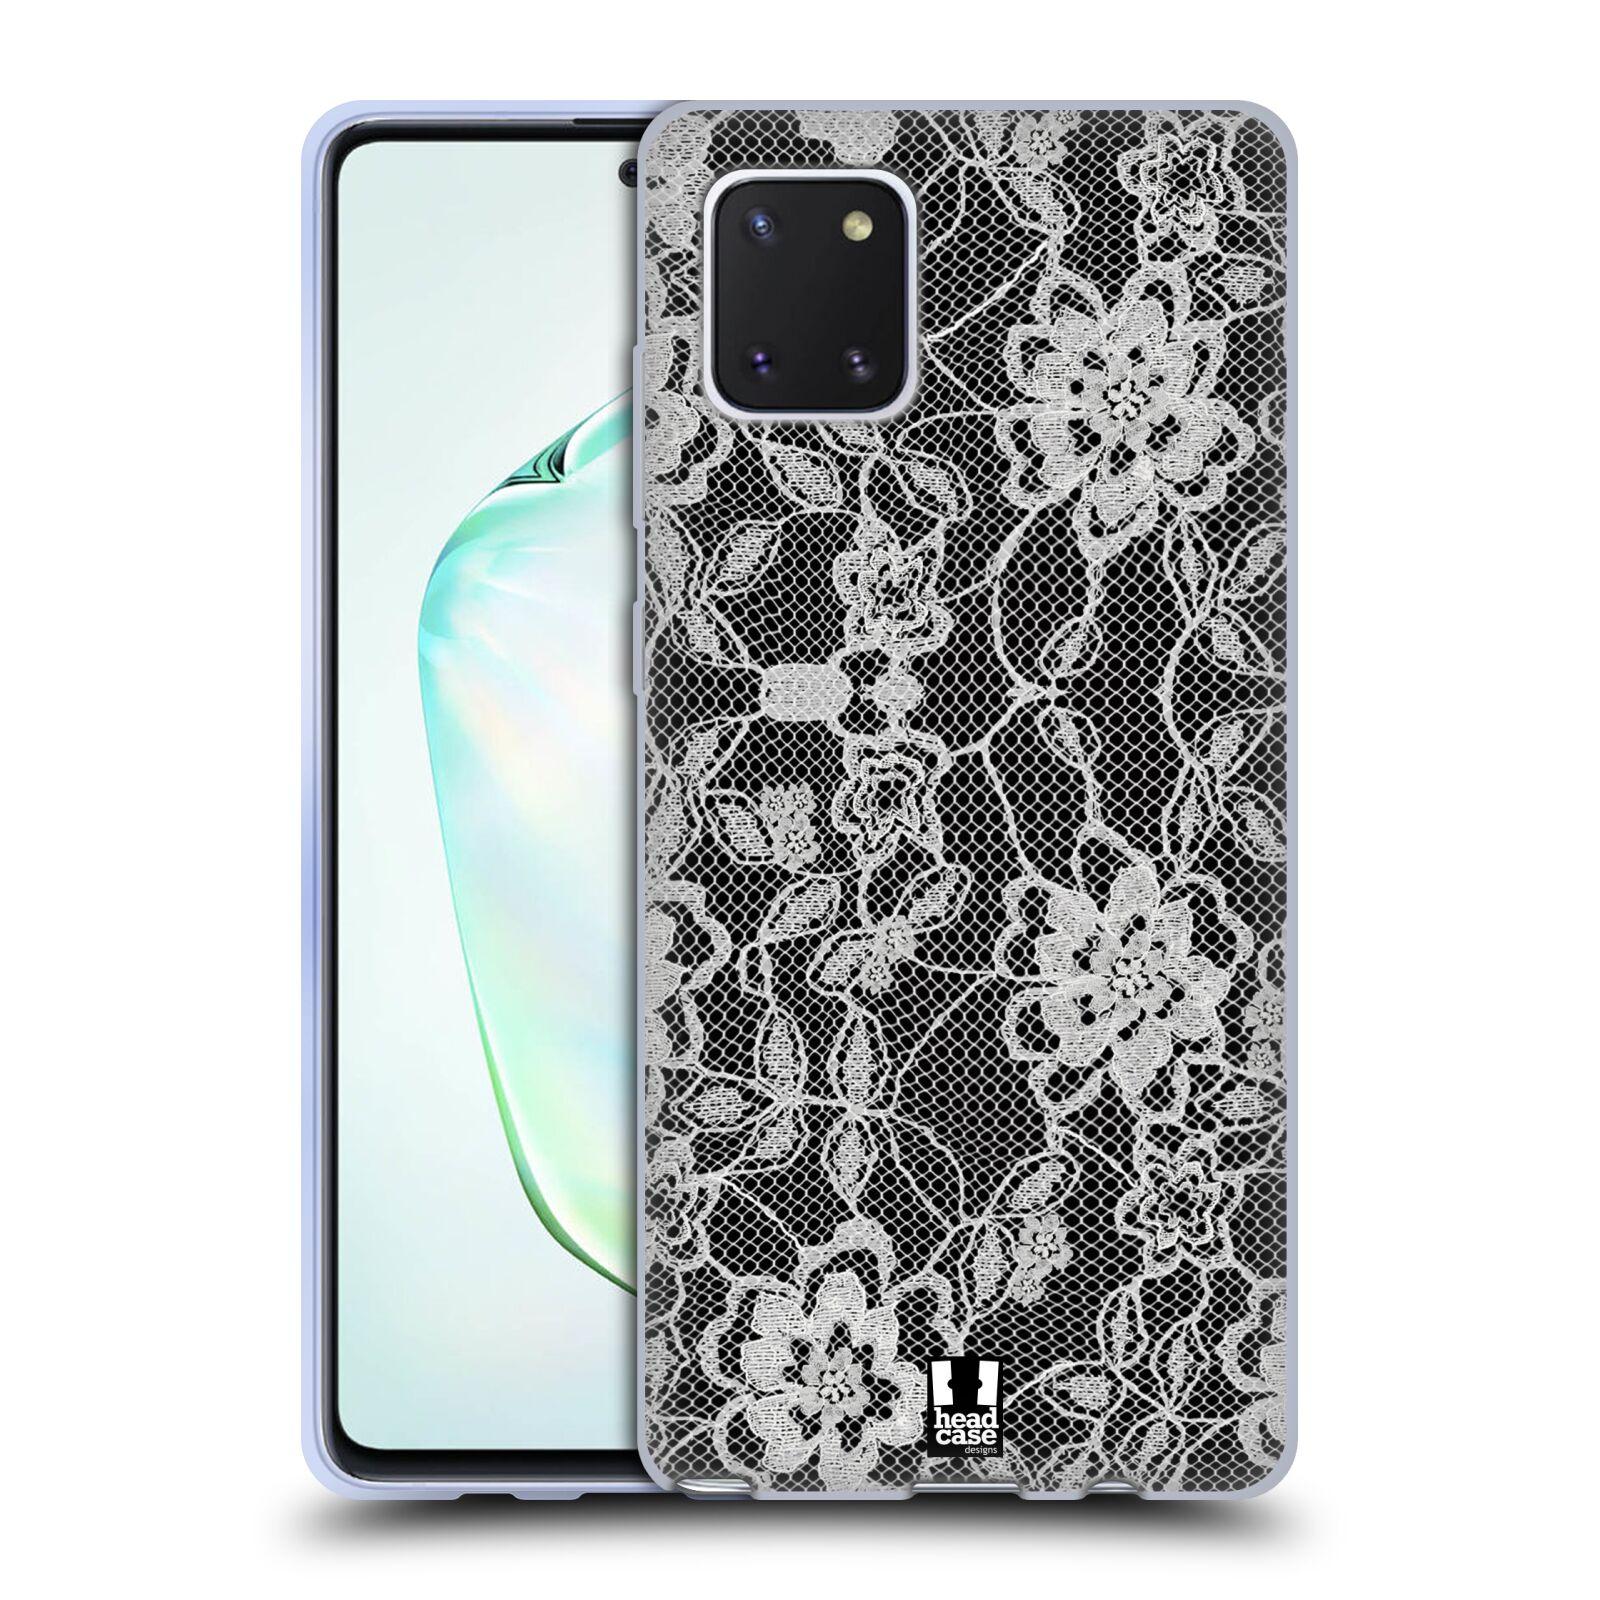 Silikonové pouzdro na mobil Samsung Galaxy Note 10 Lite - Head Case - FLOWERY KRAJKA